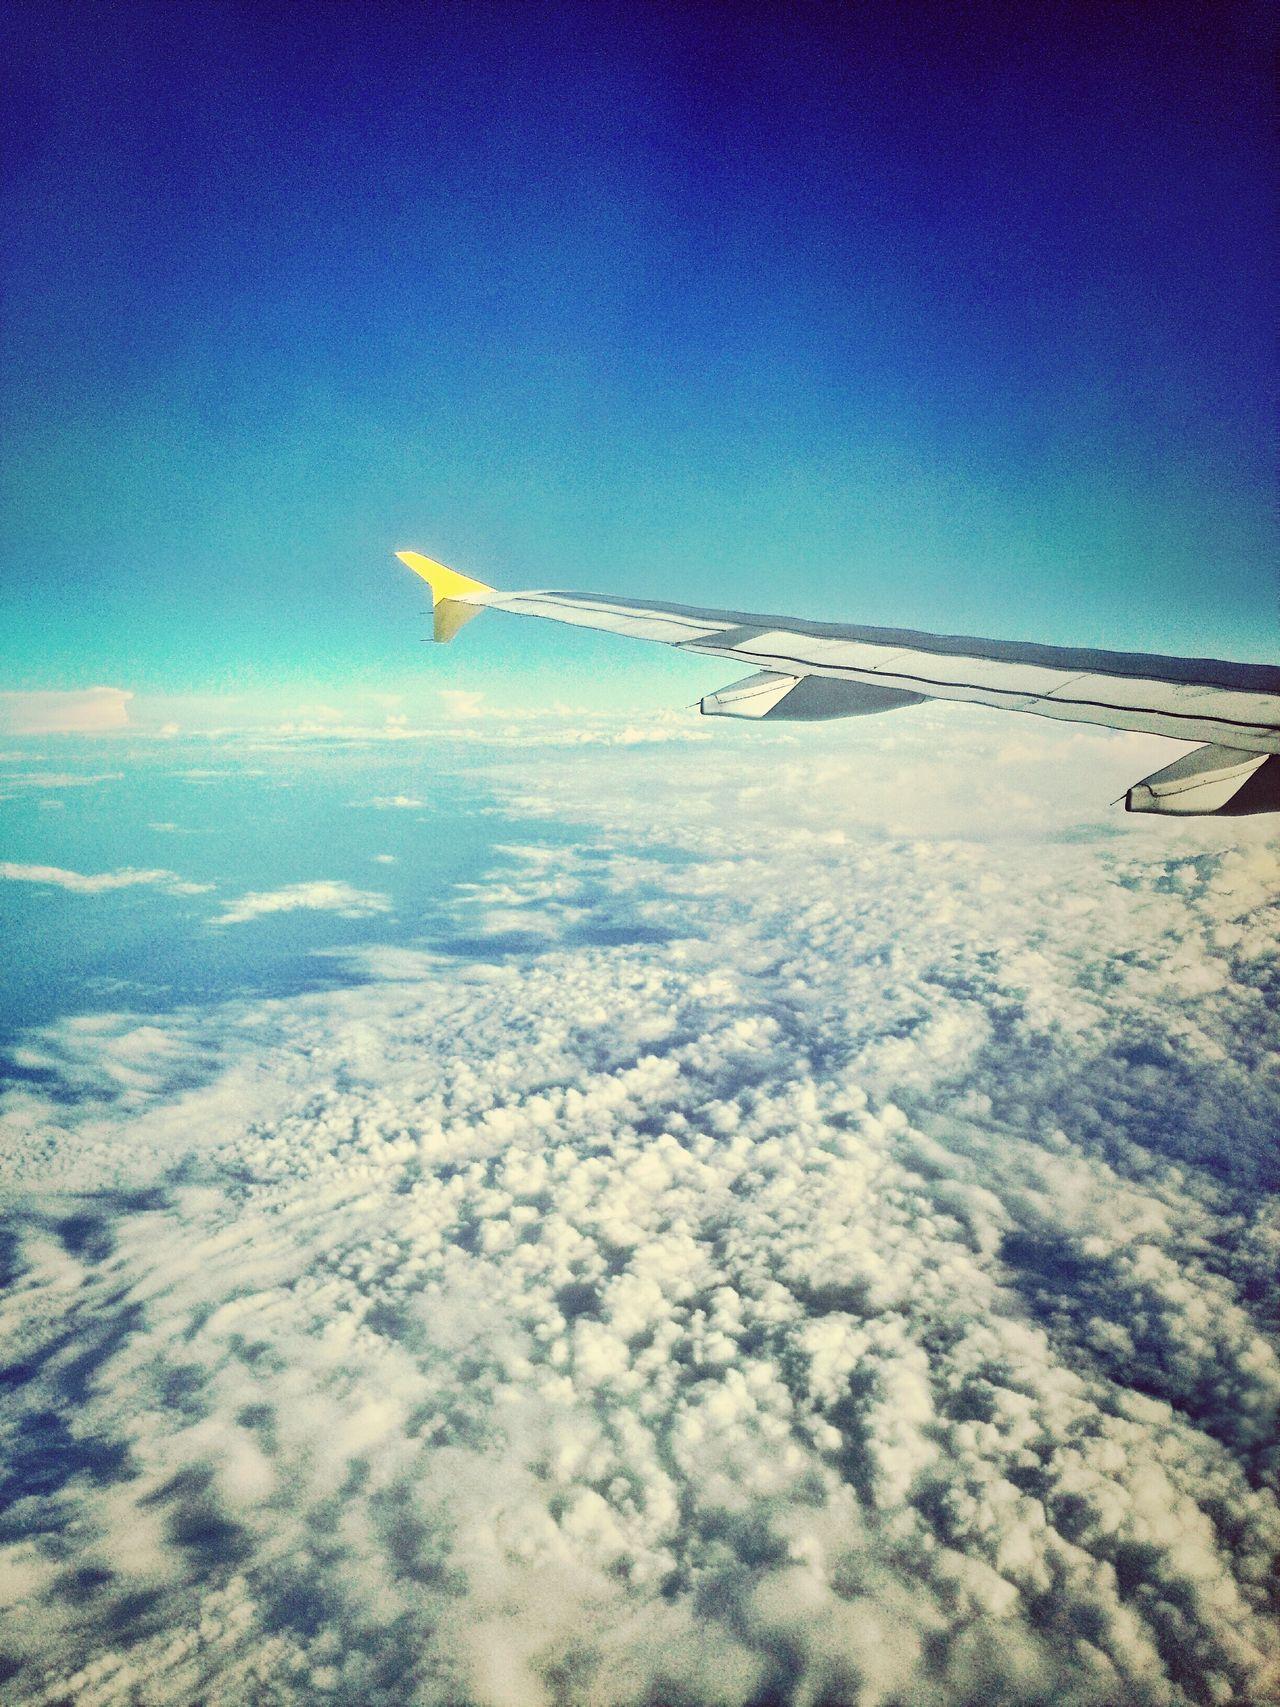 Sky Lisbon AirPlane ✈ Cloud And Sky